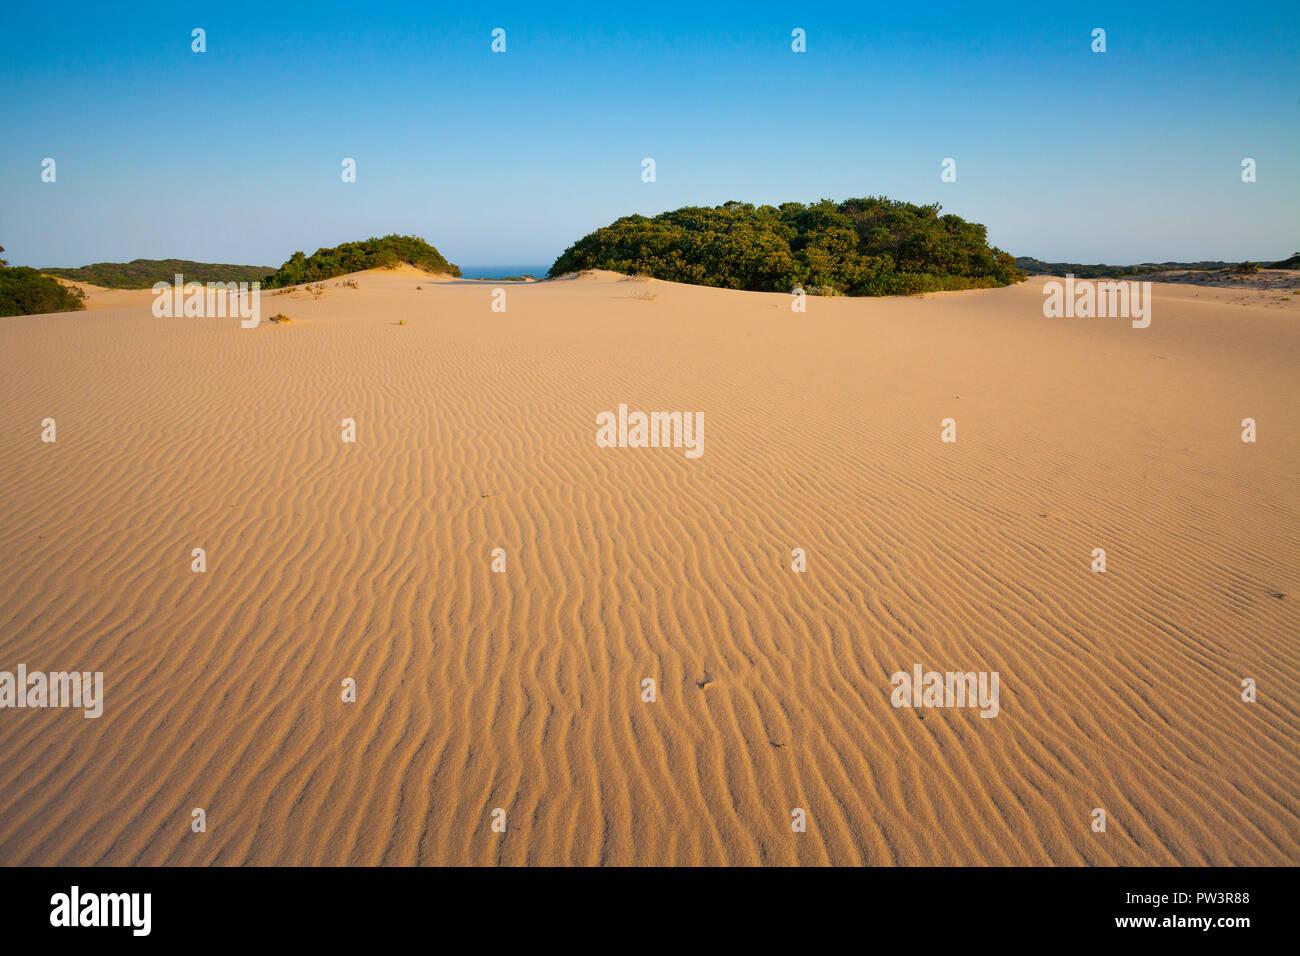 COASTAL SAND DUNES, Dovela, Inharrime, Mozambique. - Stock Image